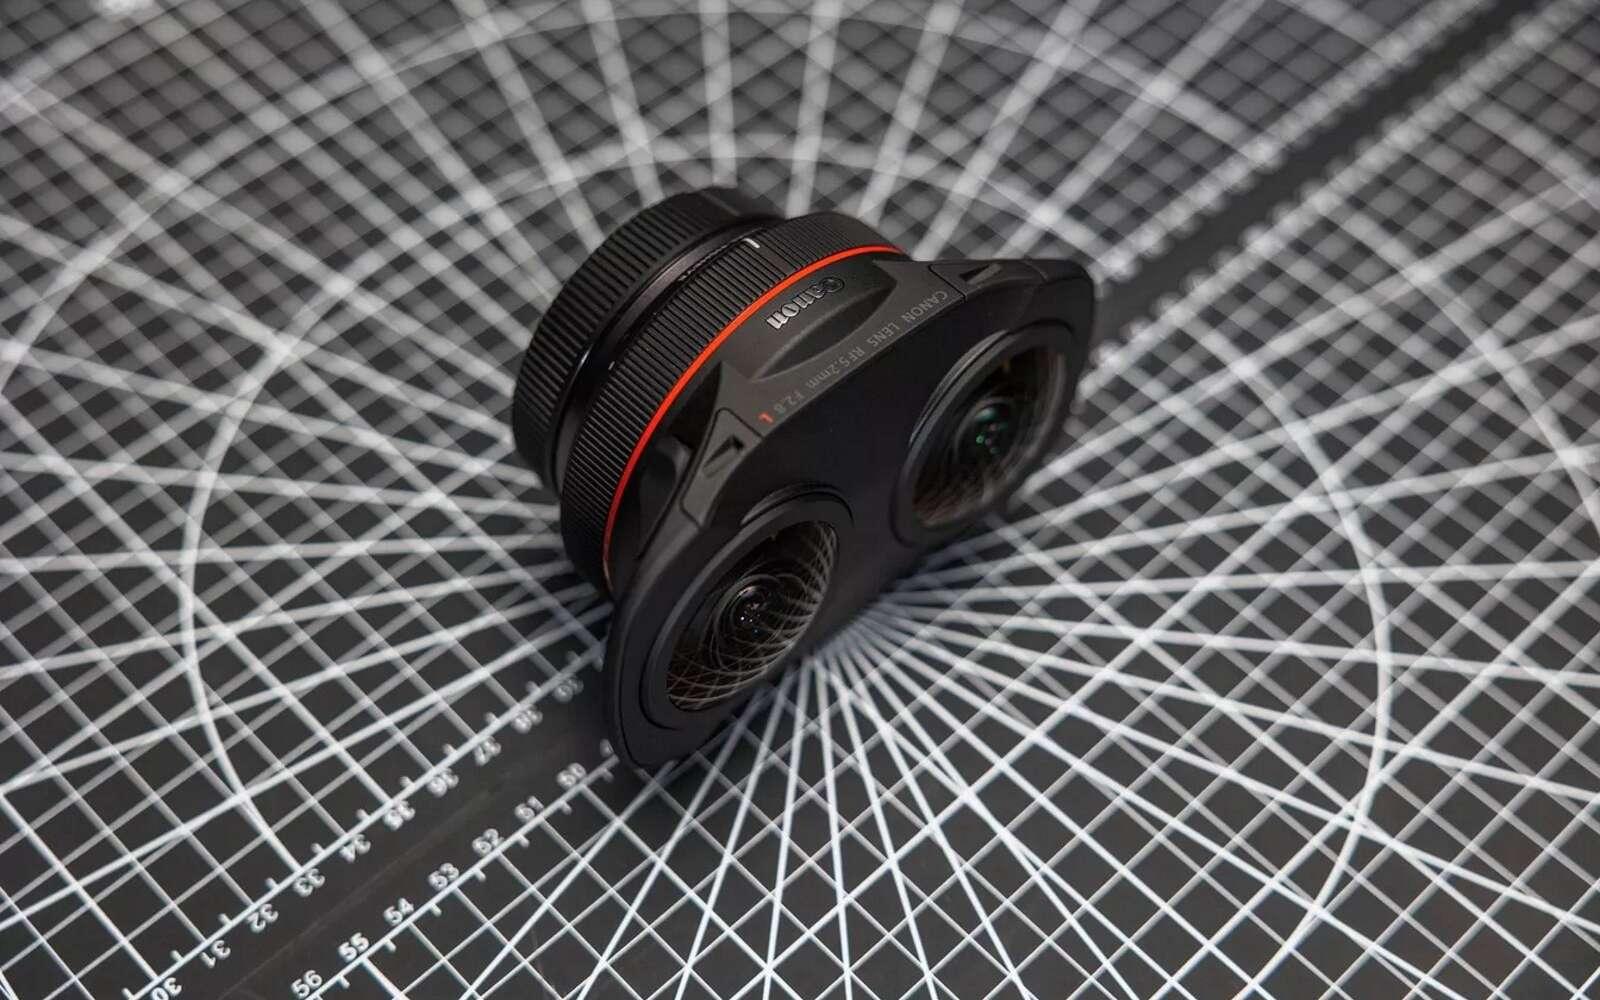 Le nouvel objectif de Canon peut filmer des images stéréoscopiques à 180 degrés. © Canon